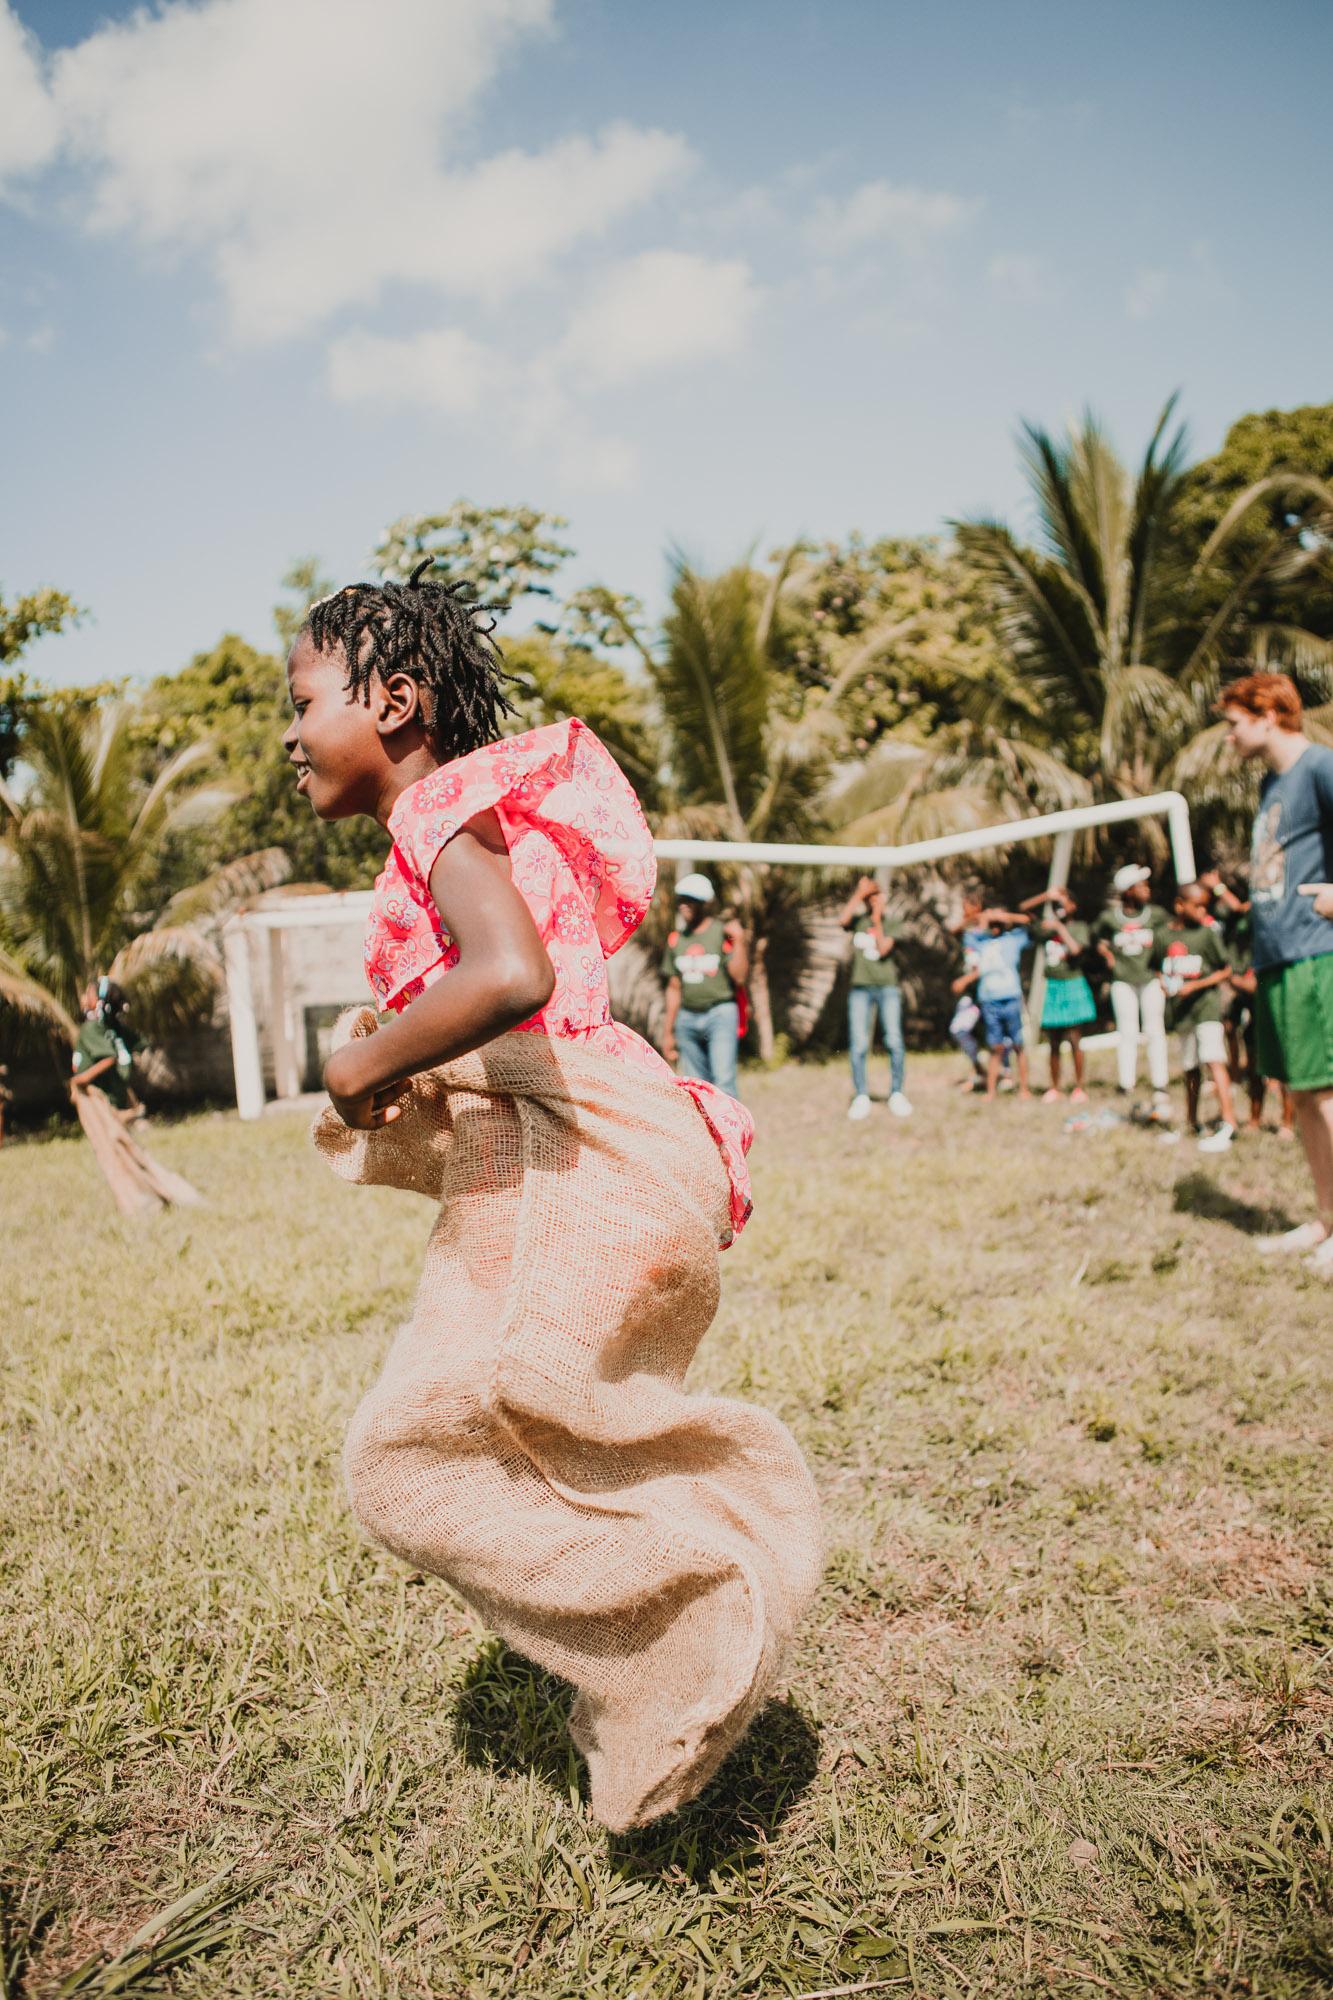 20190614_Surf City Haiti Blog_033_web.jpg